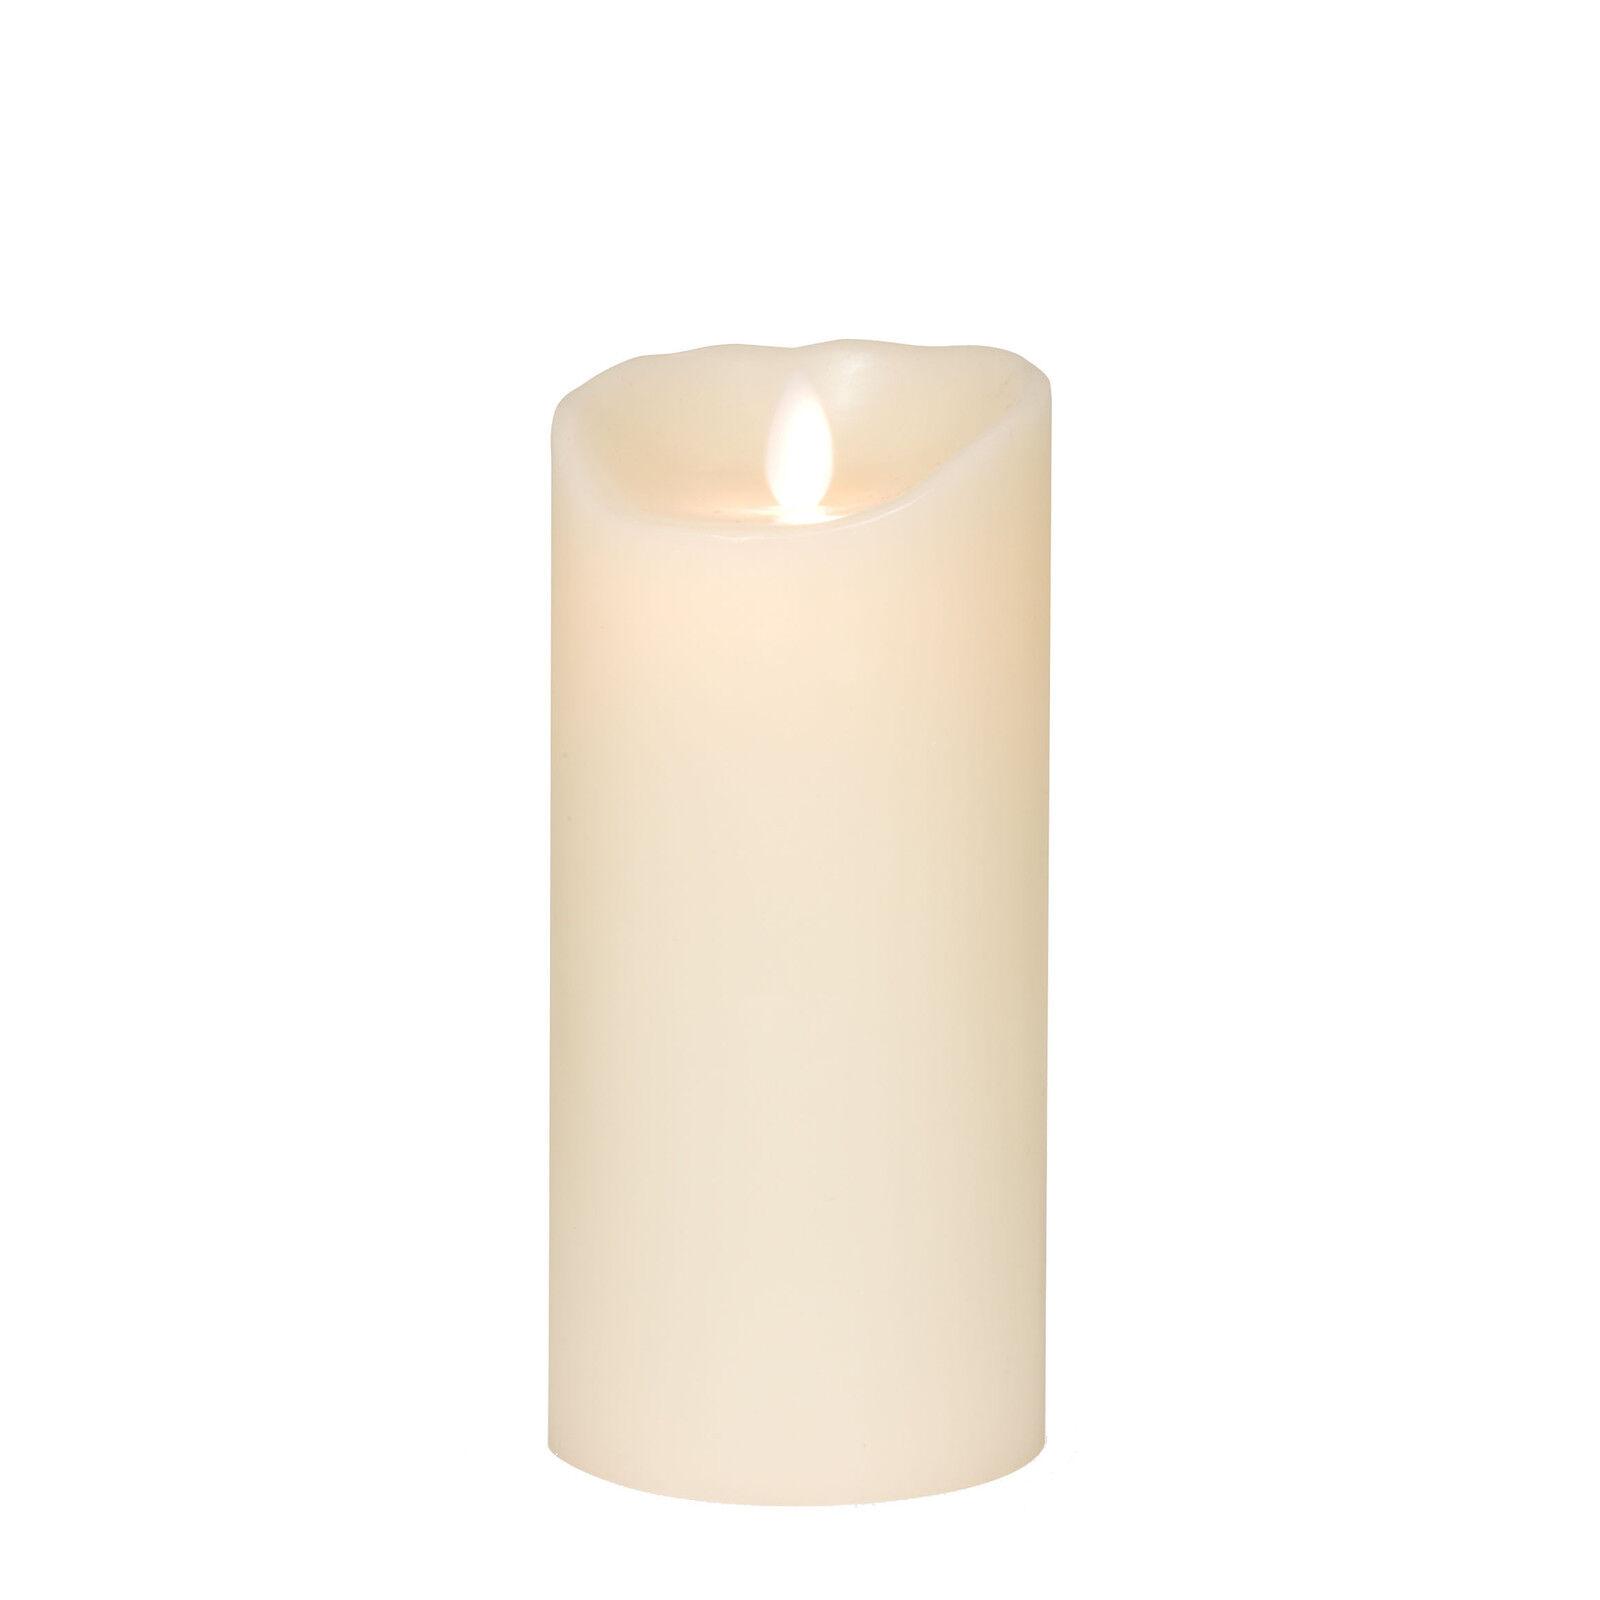 Flame LED Echtwachskerze h 18 elfenbein elfenbein ø 8 cm, h 18 cm | Online Outlet Shop